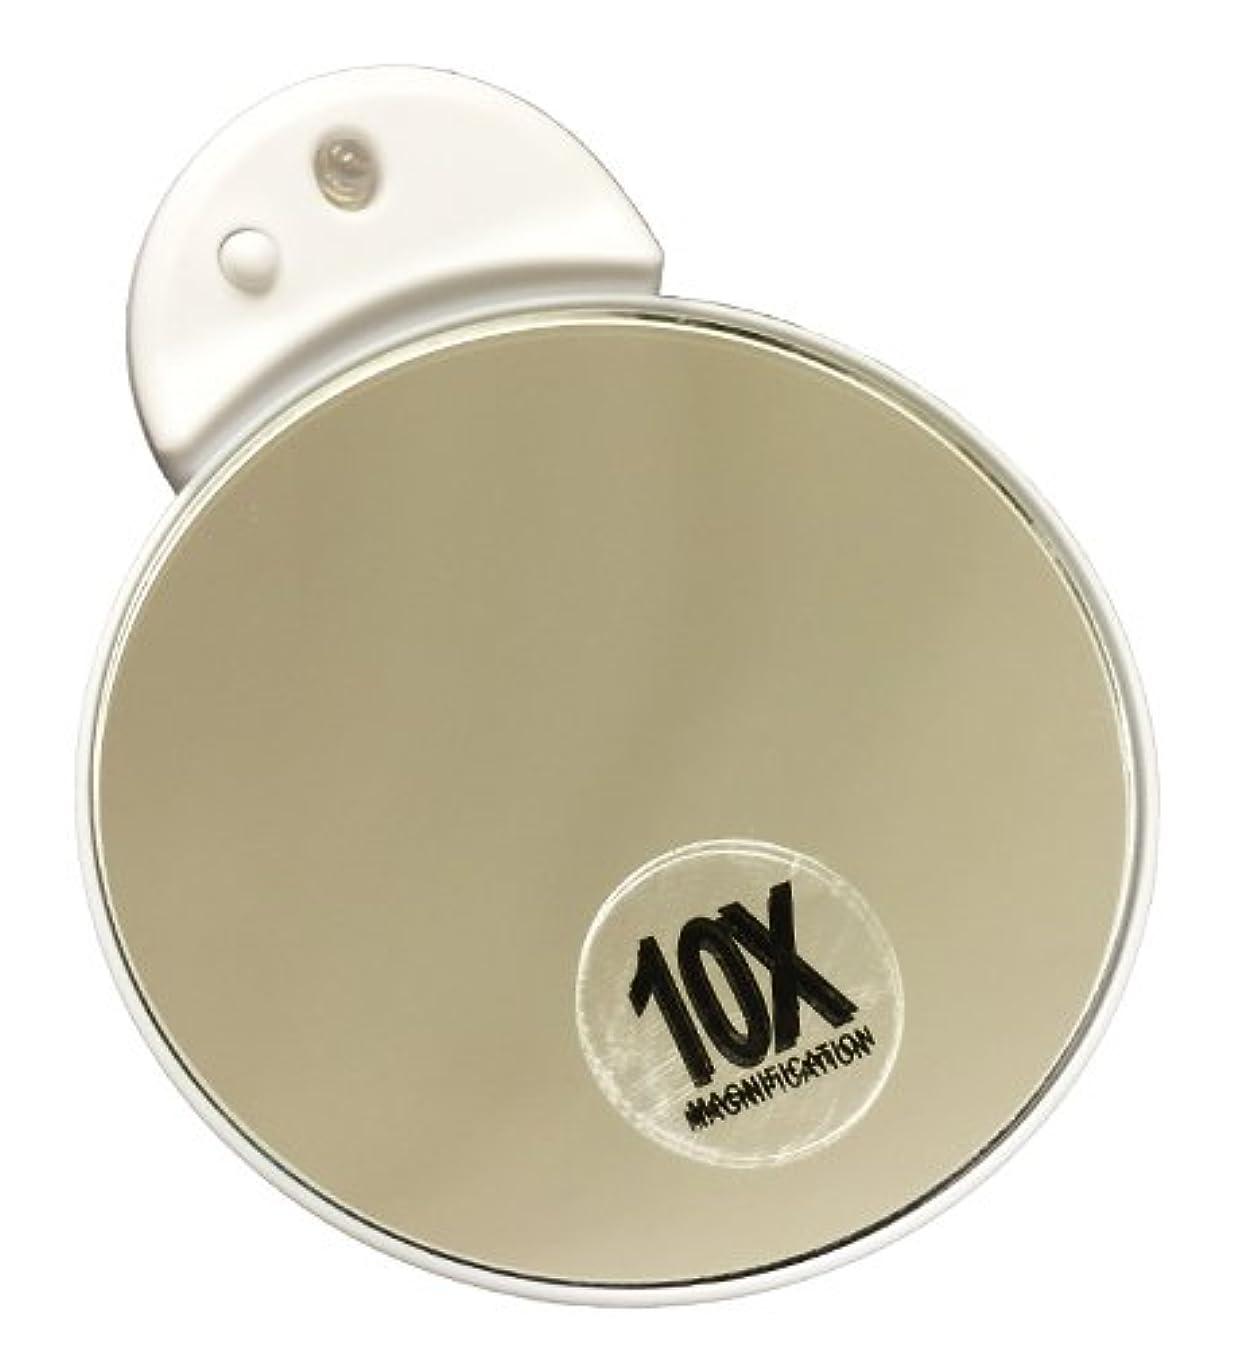 襟キャンディー添付clochette(クロシェ) LEDライト付き スポットミラー 鼻毛&エチケットケア用 10倍拡大鏡 ホワイト